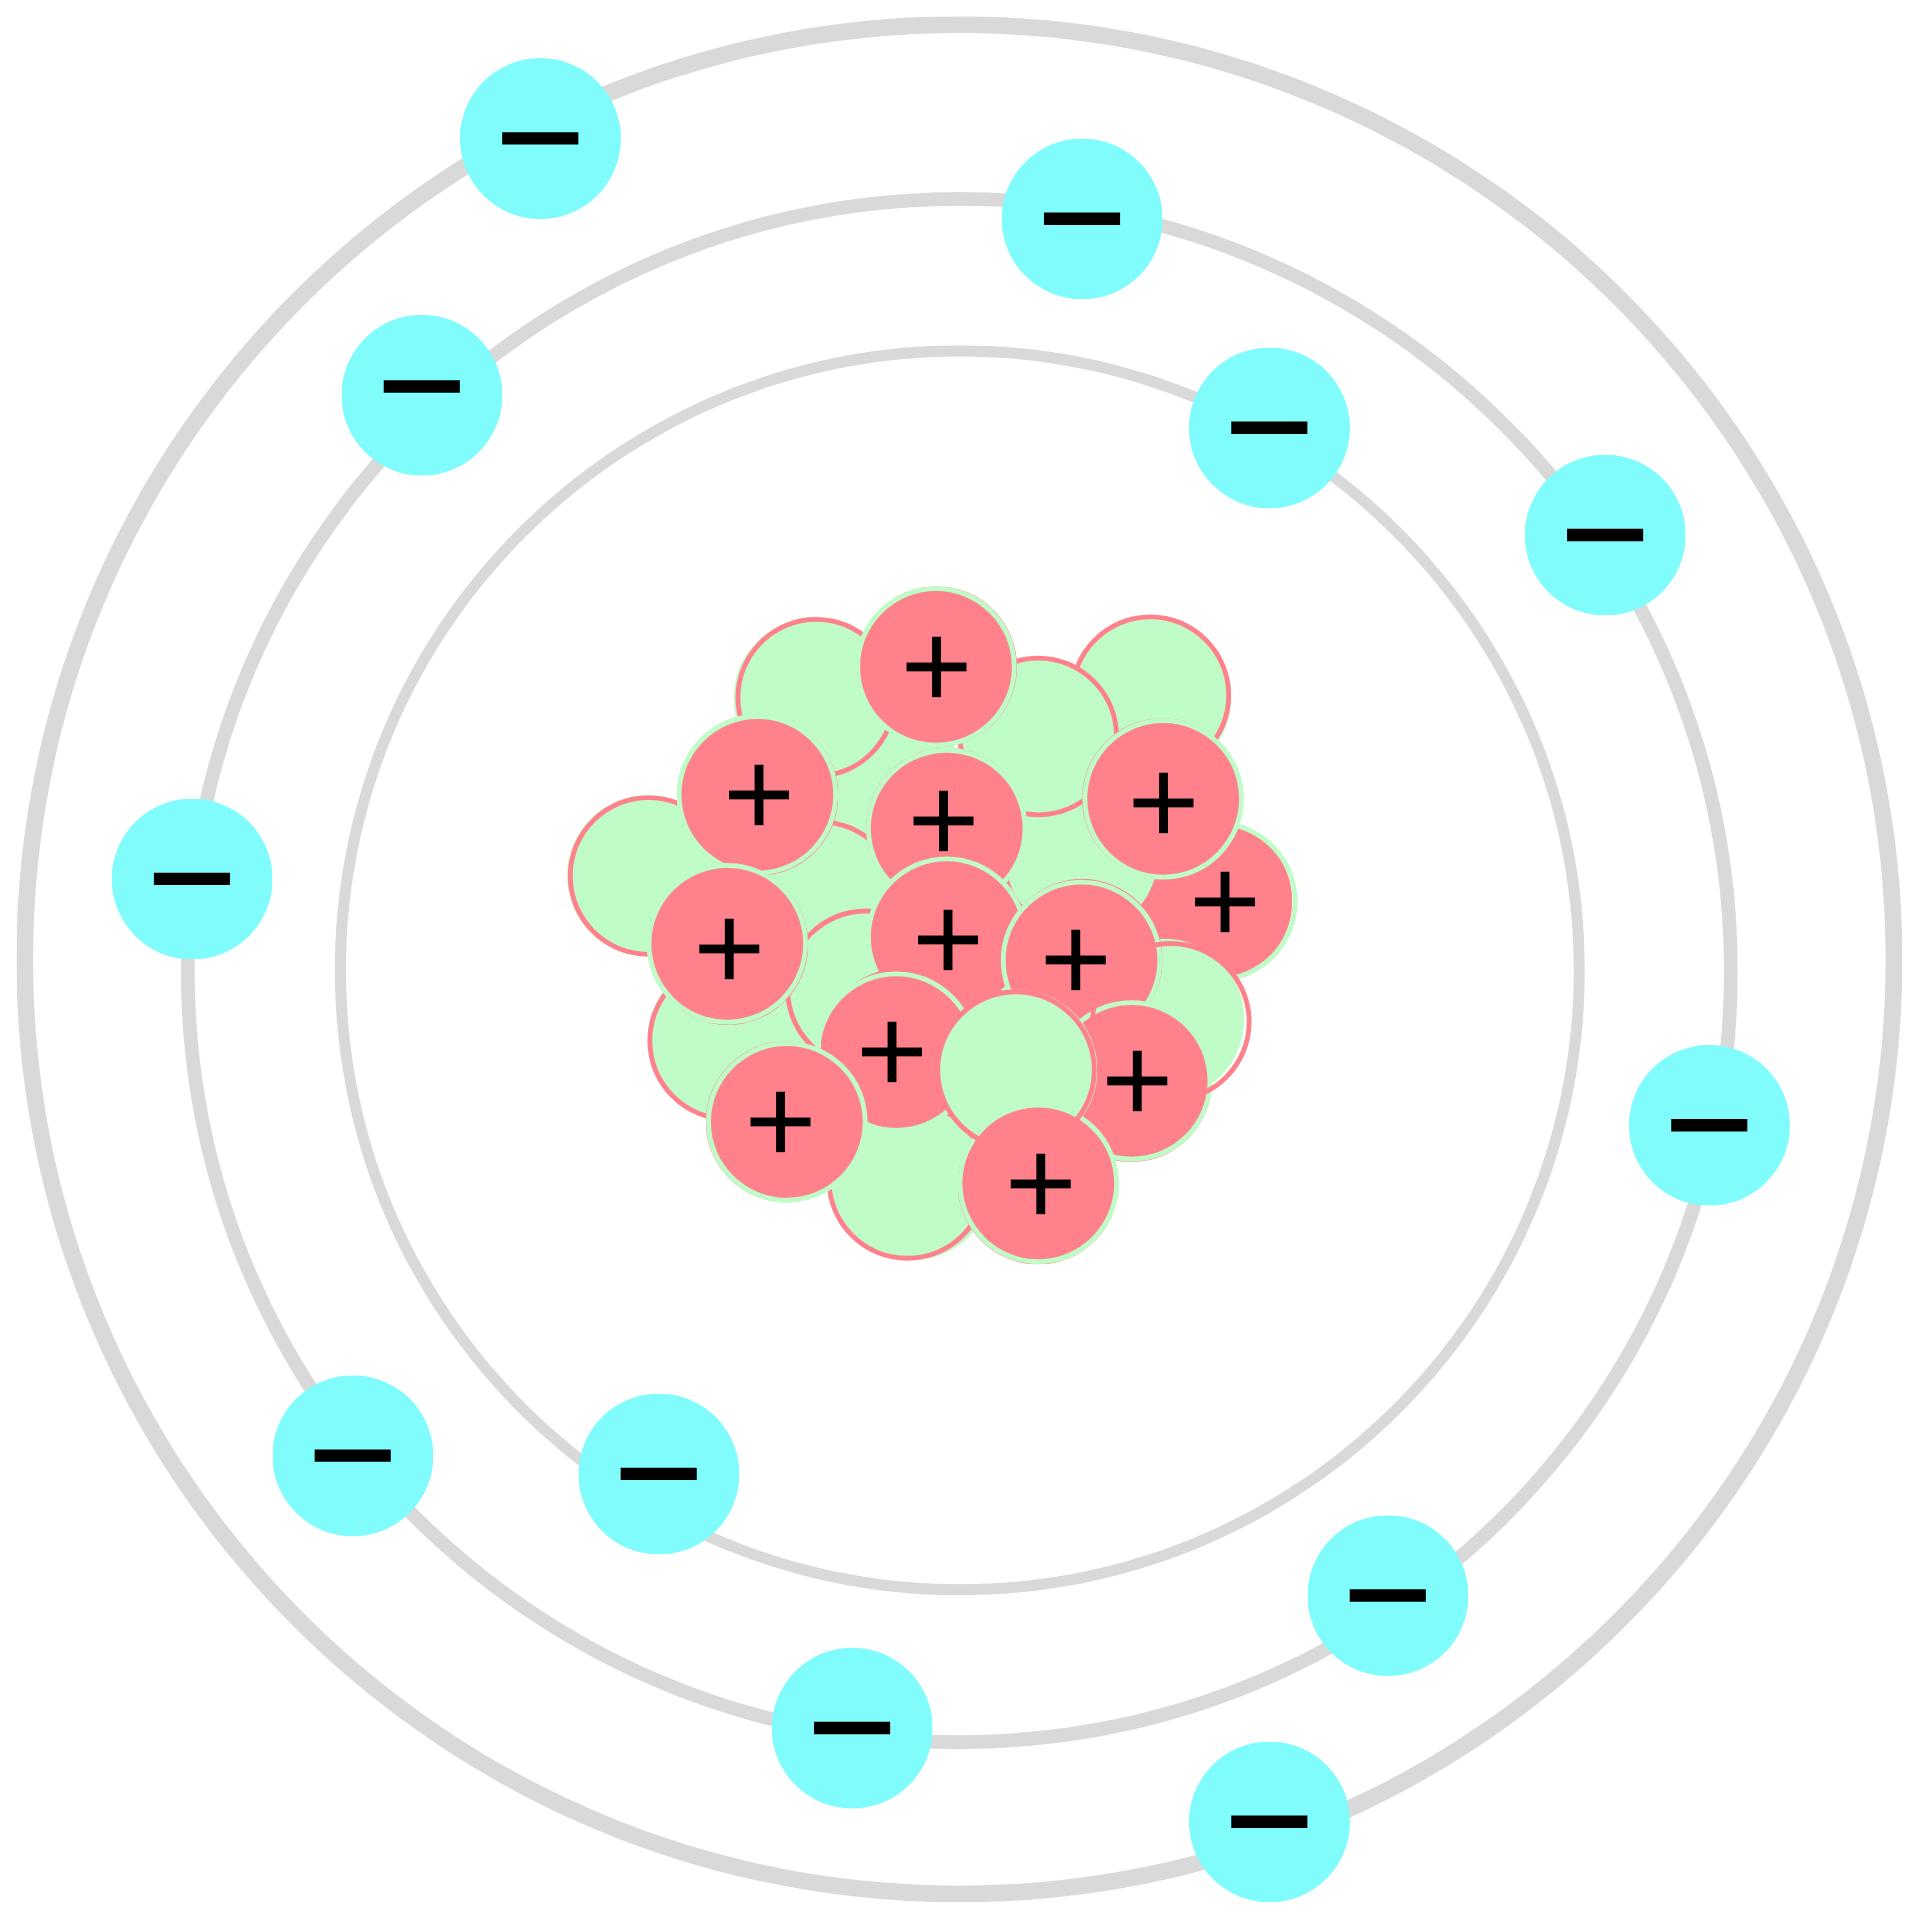 Modelo planetario de Bohr. Imagina las implicaciones que pudo tener para elmundo científico el descubrir que al igualque nuestro sistema solar, el interior del átomoestaba organizado en órbitas alrededor deun centro, el núcleo atómico.